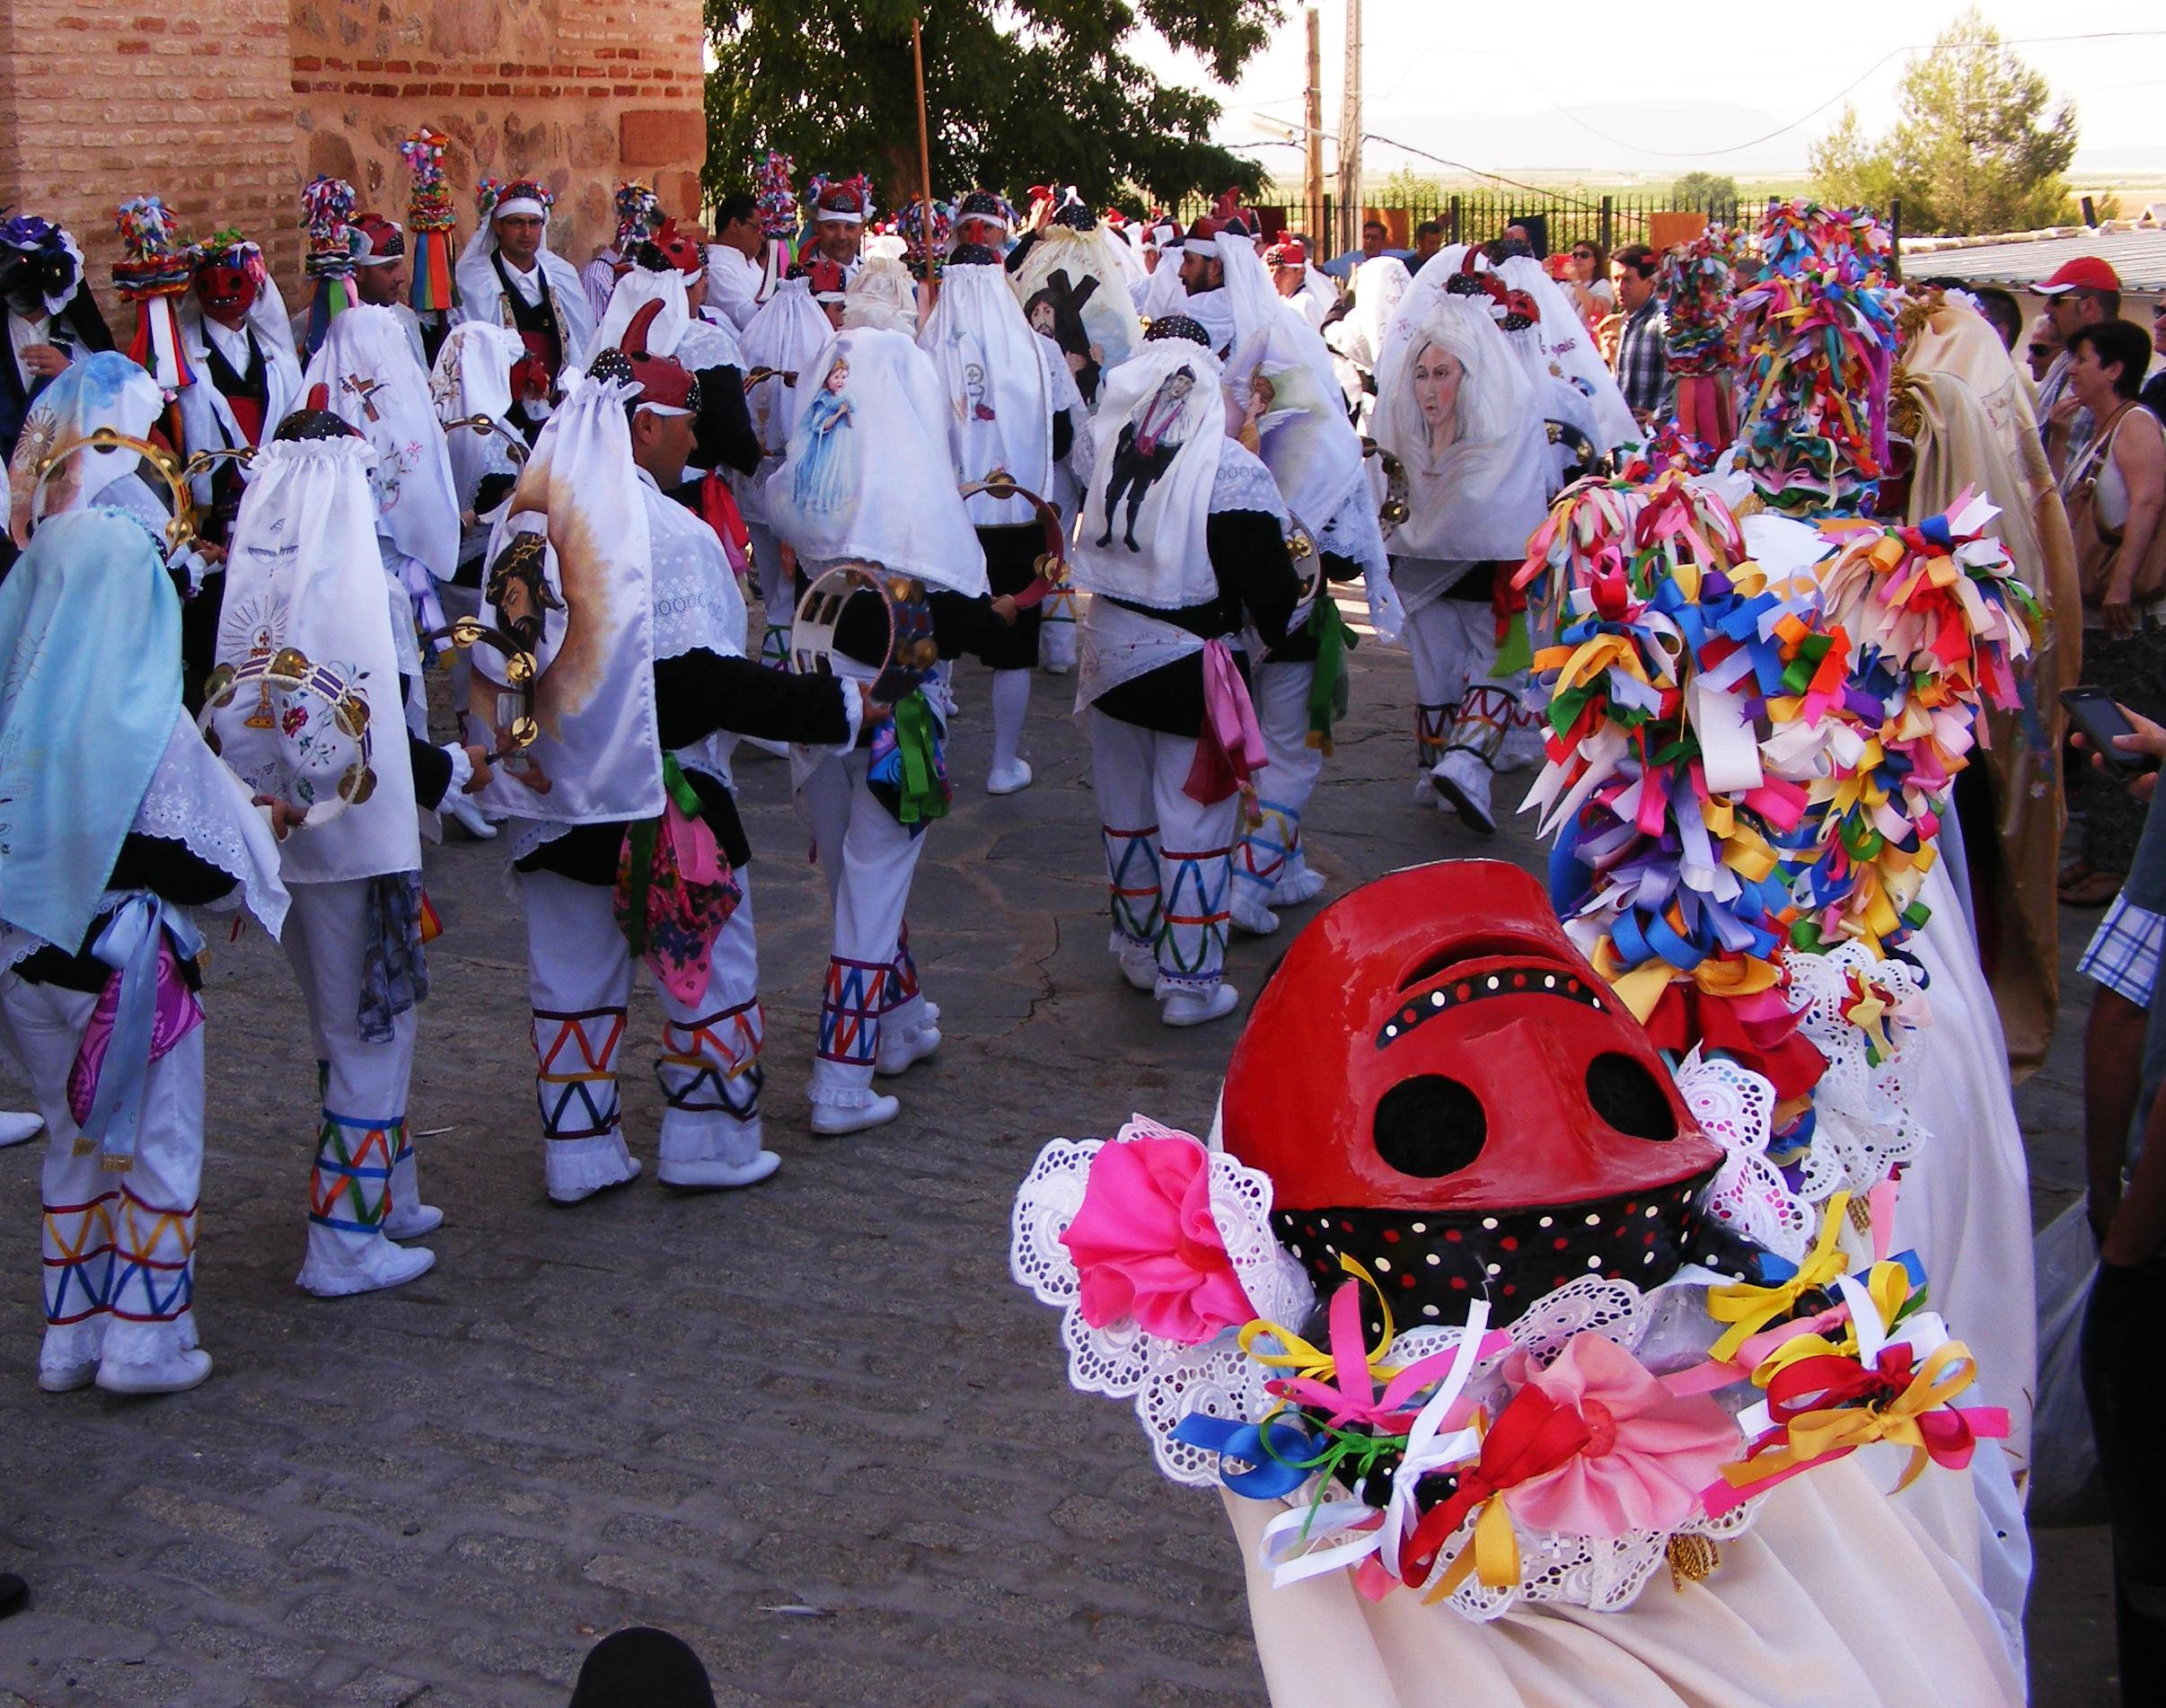 Fiestas del Corpus Christi: Pecados y Danzantes